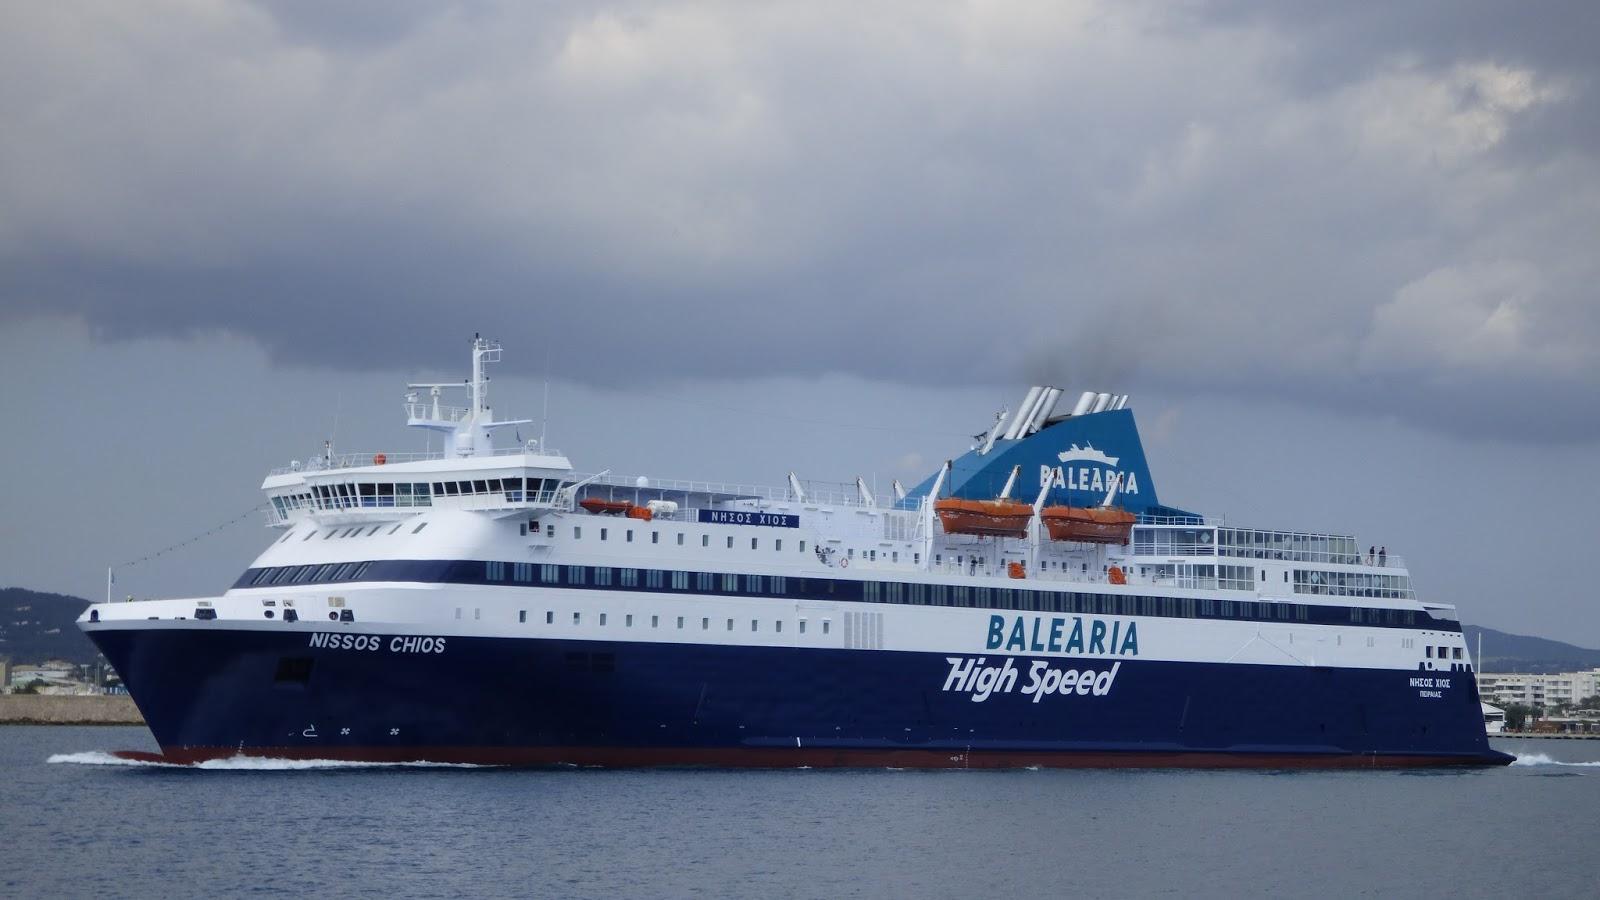 Ferrybalear el ferry griego nissos chios fletado por for Cuarto de zanty ferry